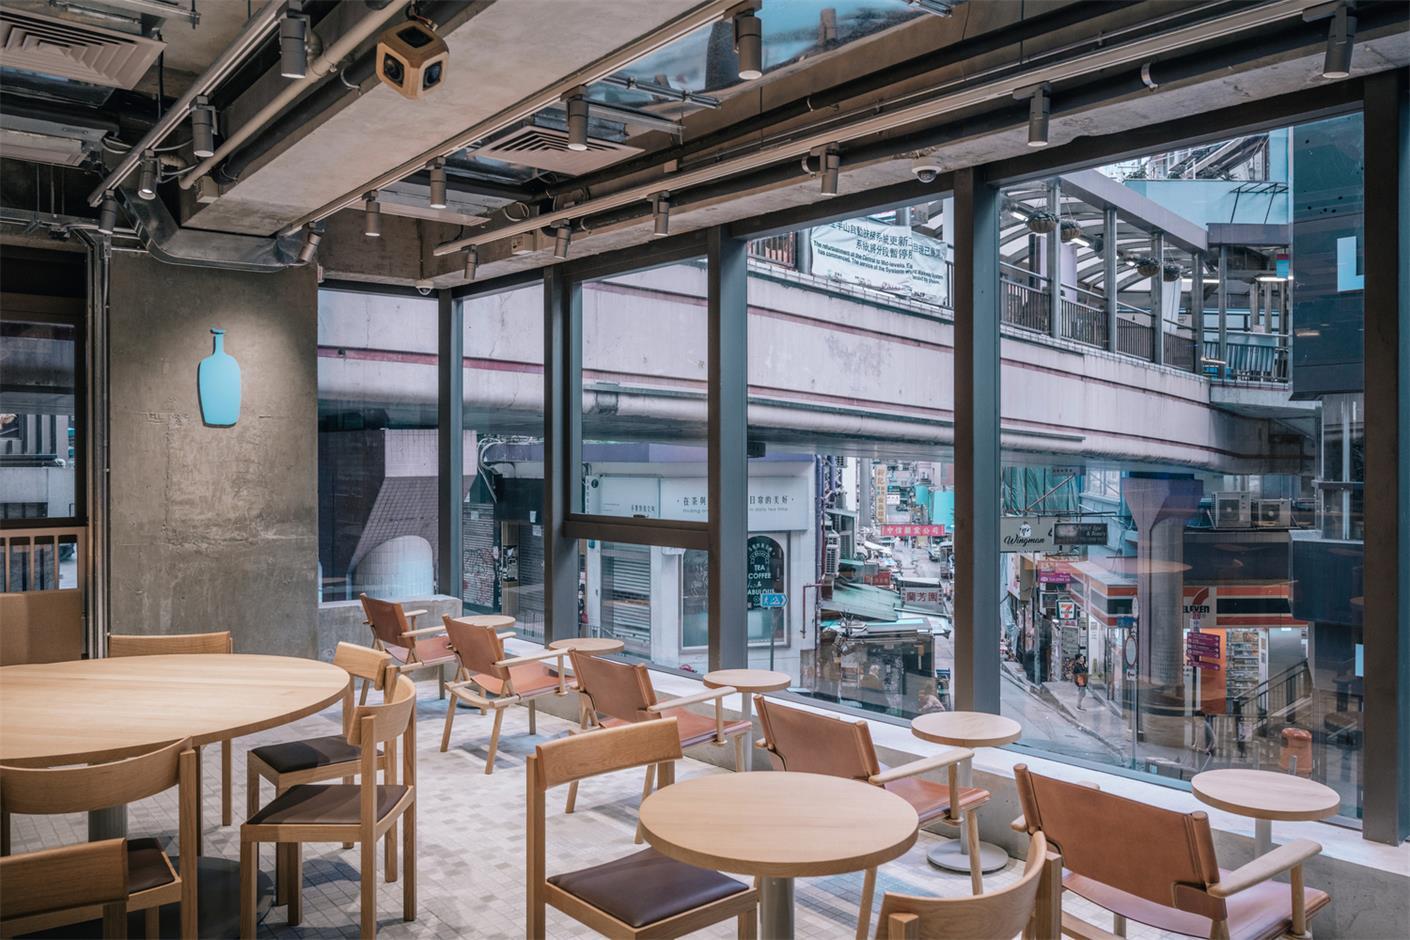 蓝瓶咖啡厅二层客座区设计